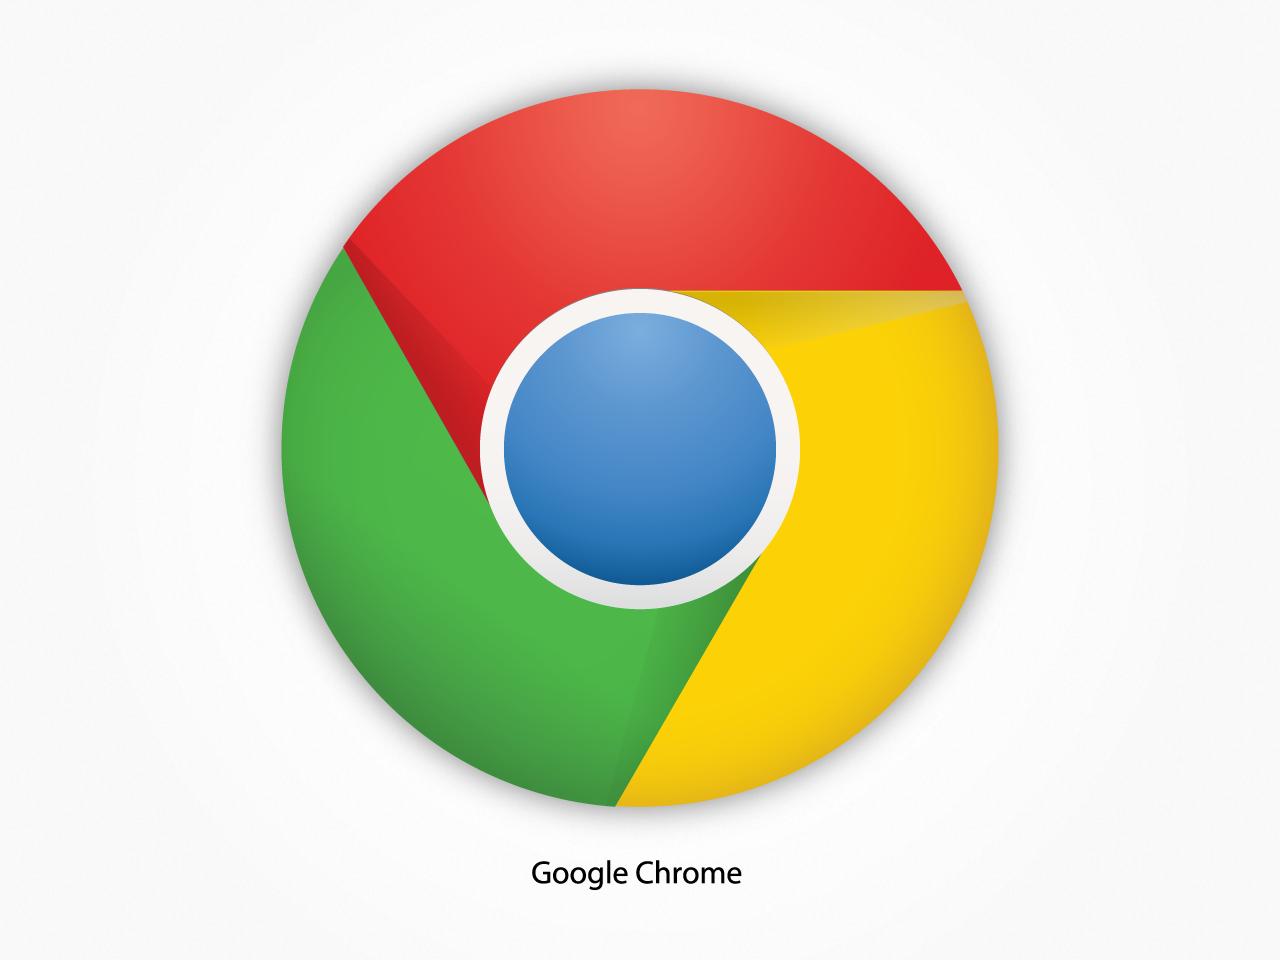 Google Chrome 34.0.1847.137